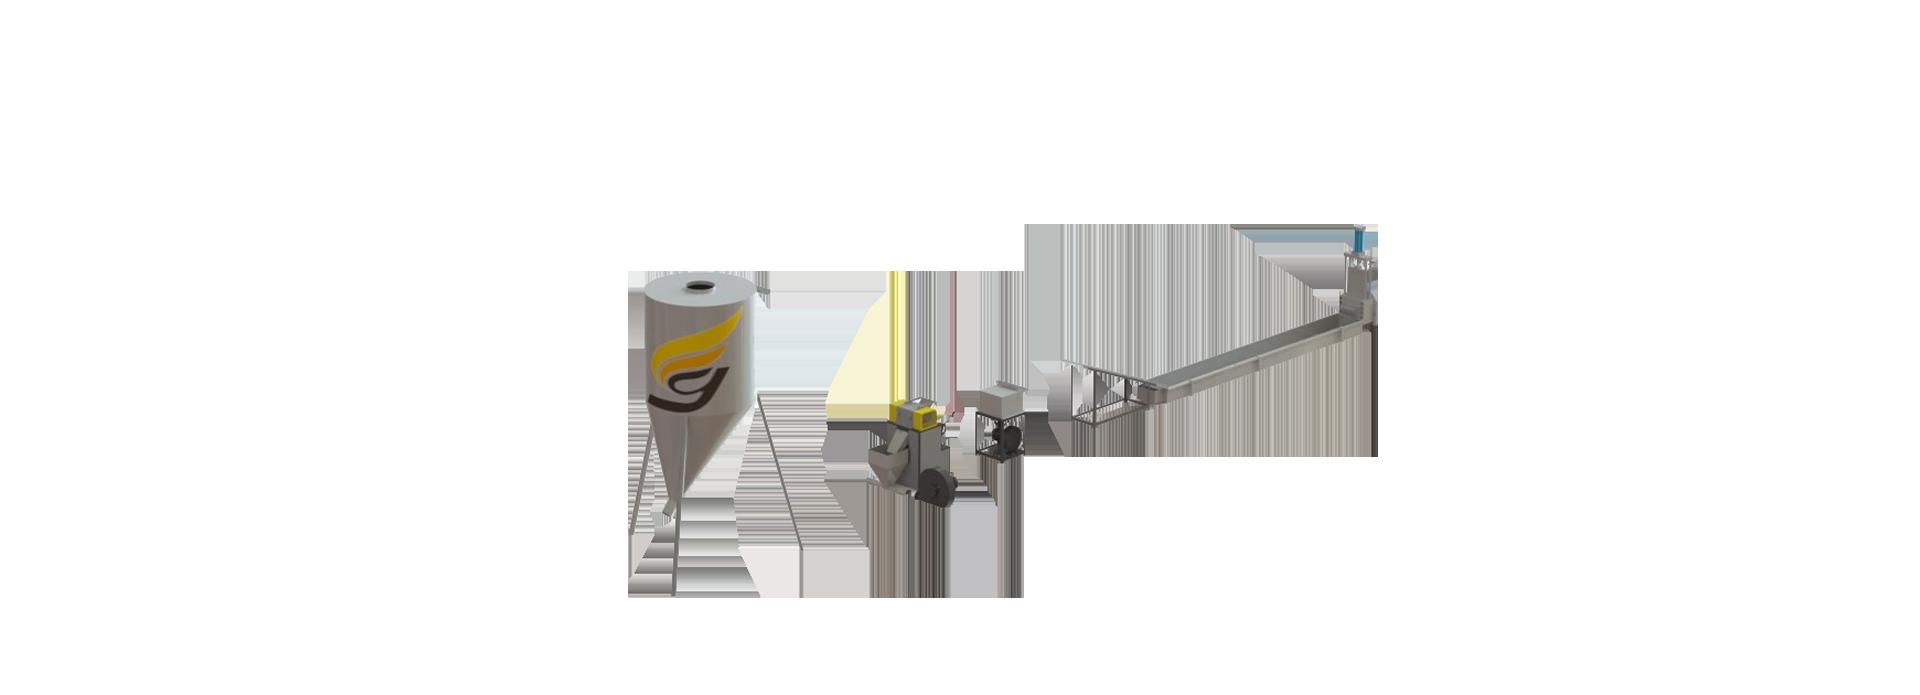 自動ストランド式ペレット化システム